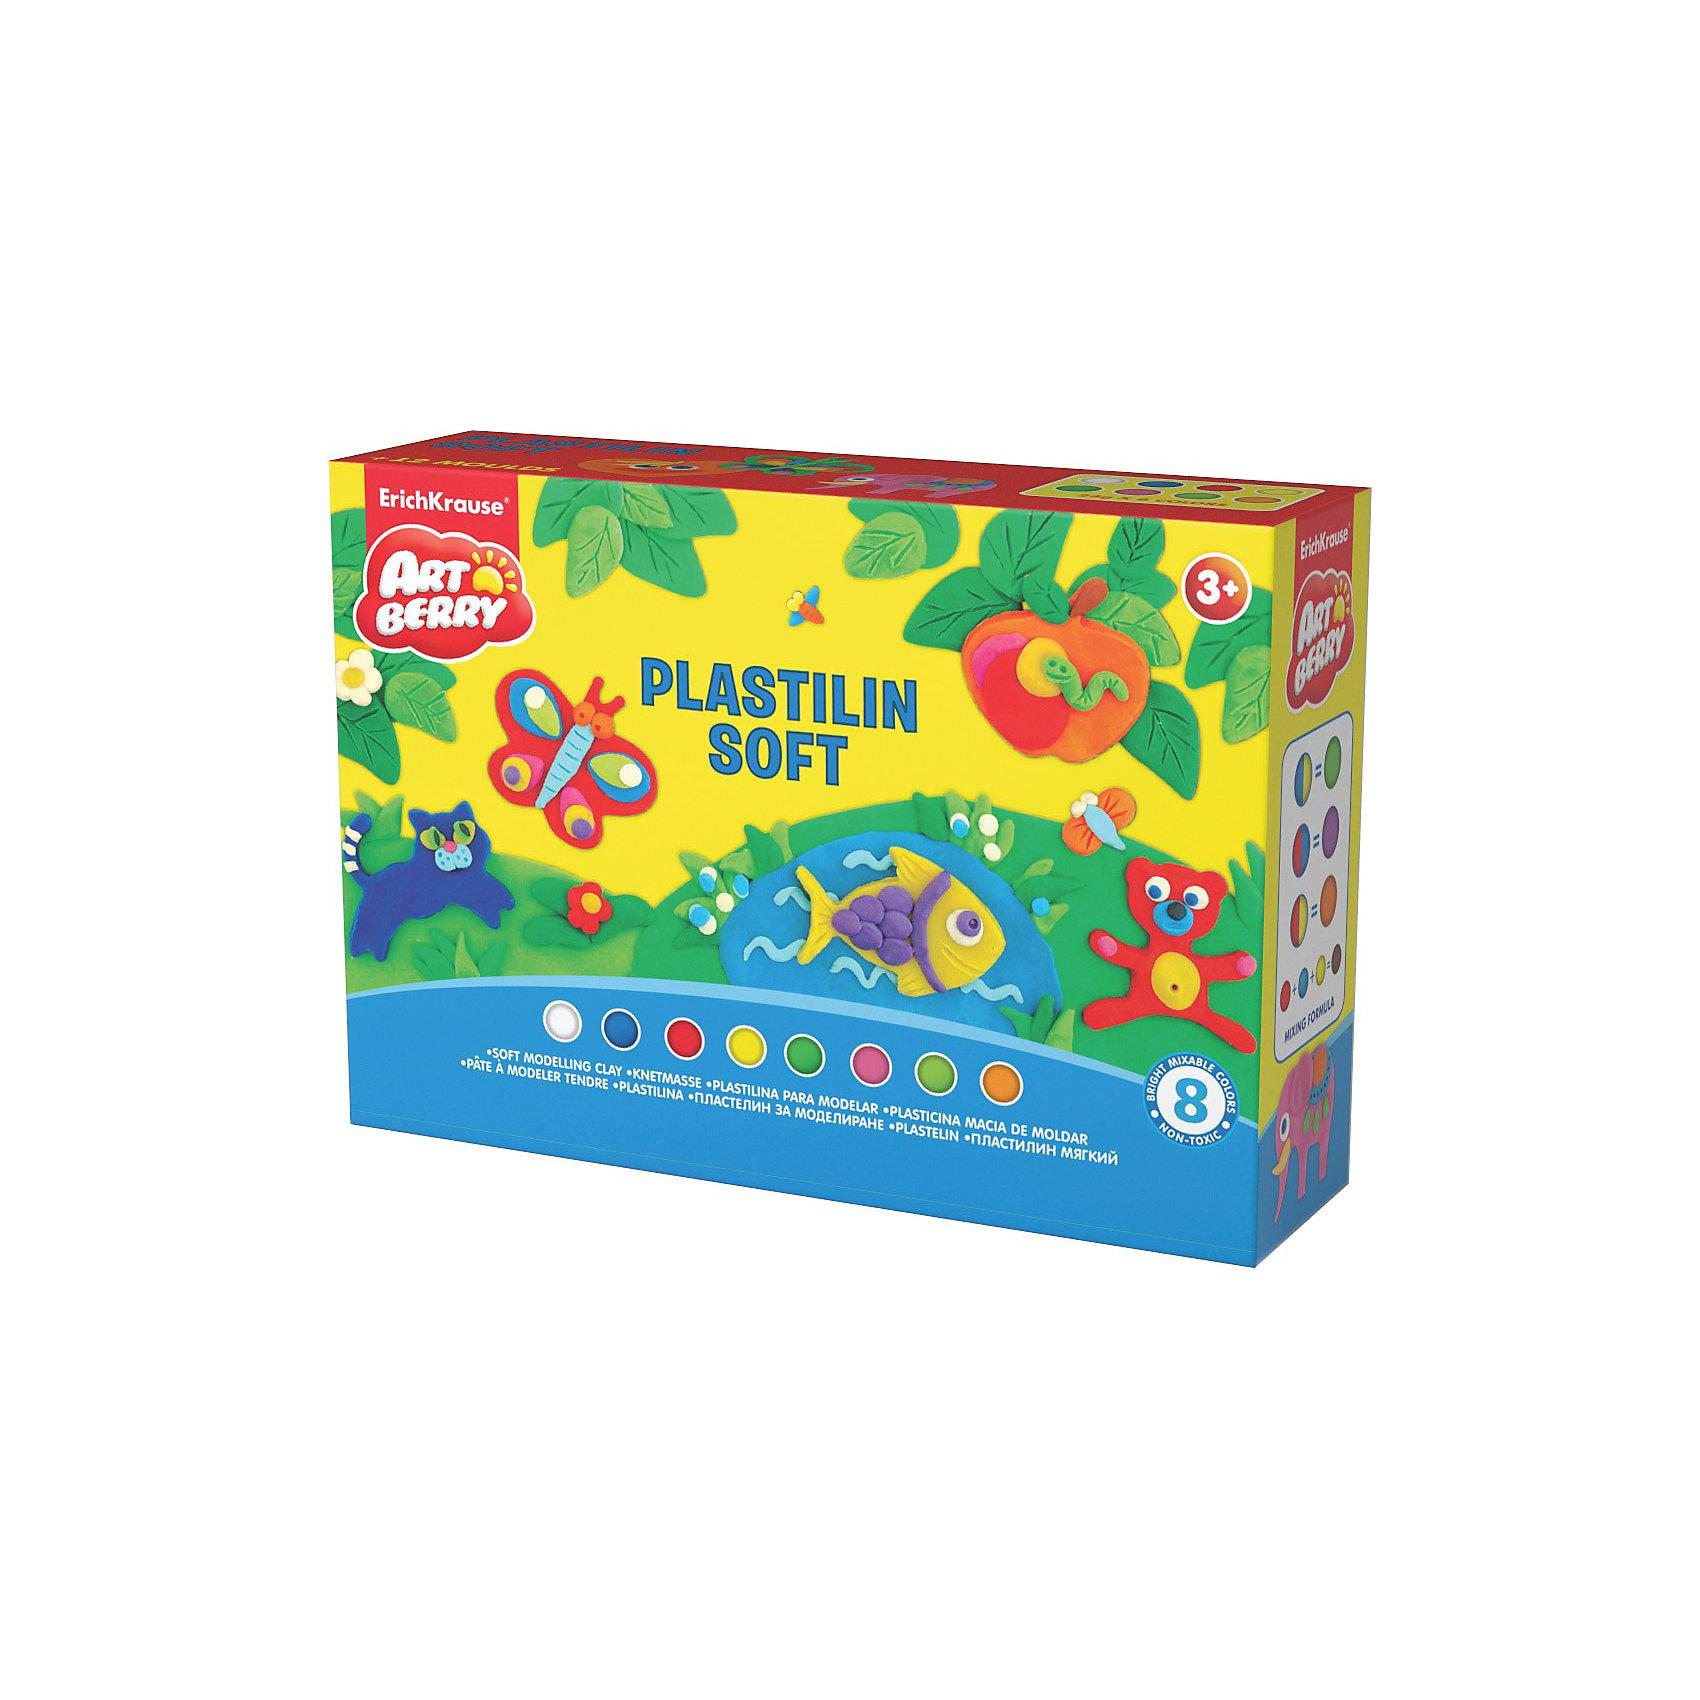 Пластилин мягкий Creative Game Artberry, 8 цвПластилин мягкий Artberry Creative Game, 8 цв от Erich Krause (Эрих Краузе)  производится на основе безопасных для Вашего малыша компонентов высокого качества!  Не застывает на воздухе. <br><br>Дополнительная информация:<br><br>8 цветов/24г,<br>с европодвесом<br><br>Легко разминается, пластичная структура позволяет лепить самые маленькие предметы.<br><br>Ширина мм: 200<br>Глубина мм: 60<br>Высота мм: 130<br>Вес г: 338<br>Возраст от месяцев: 36<br>Возраст до месяцев: 144<br>Пол: Унисекс<br>Возраст: Детский<br>SKU: 3293911